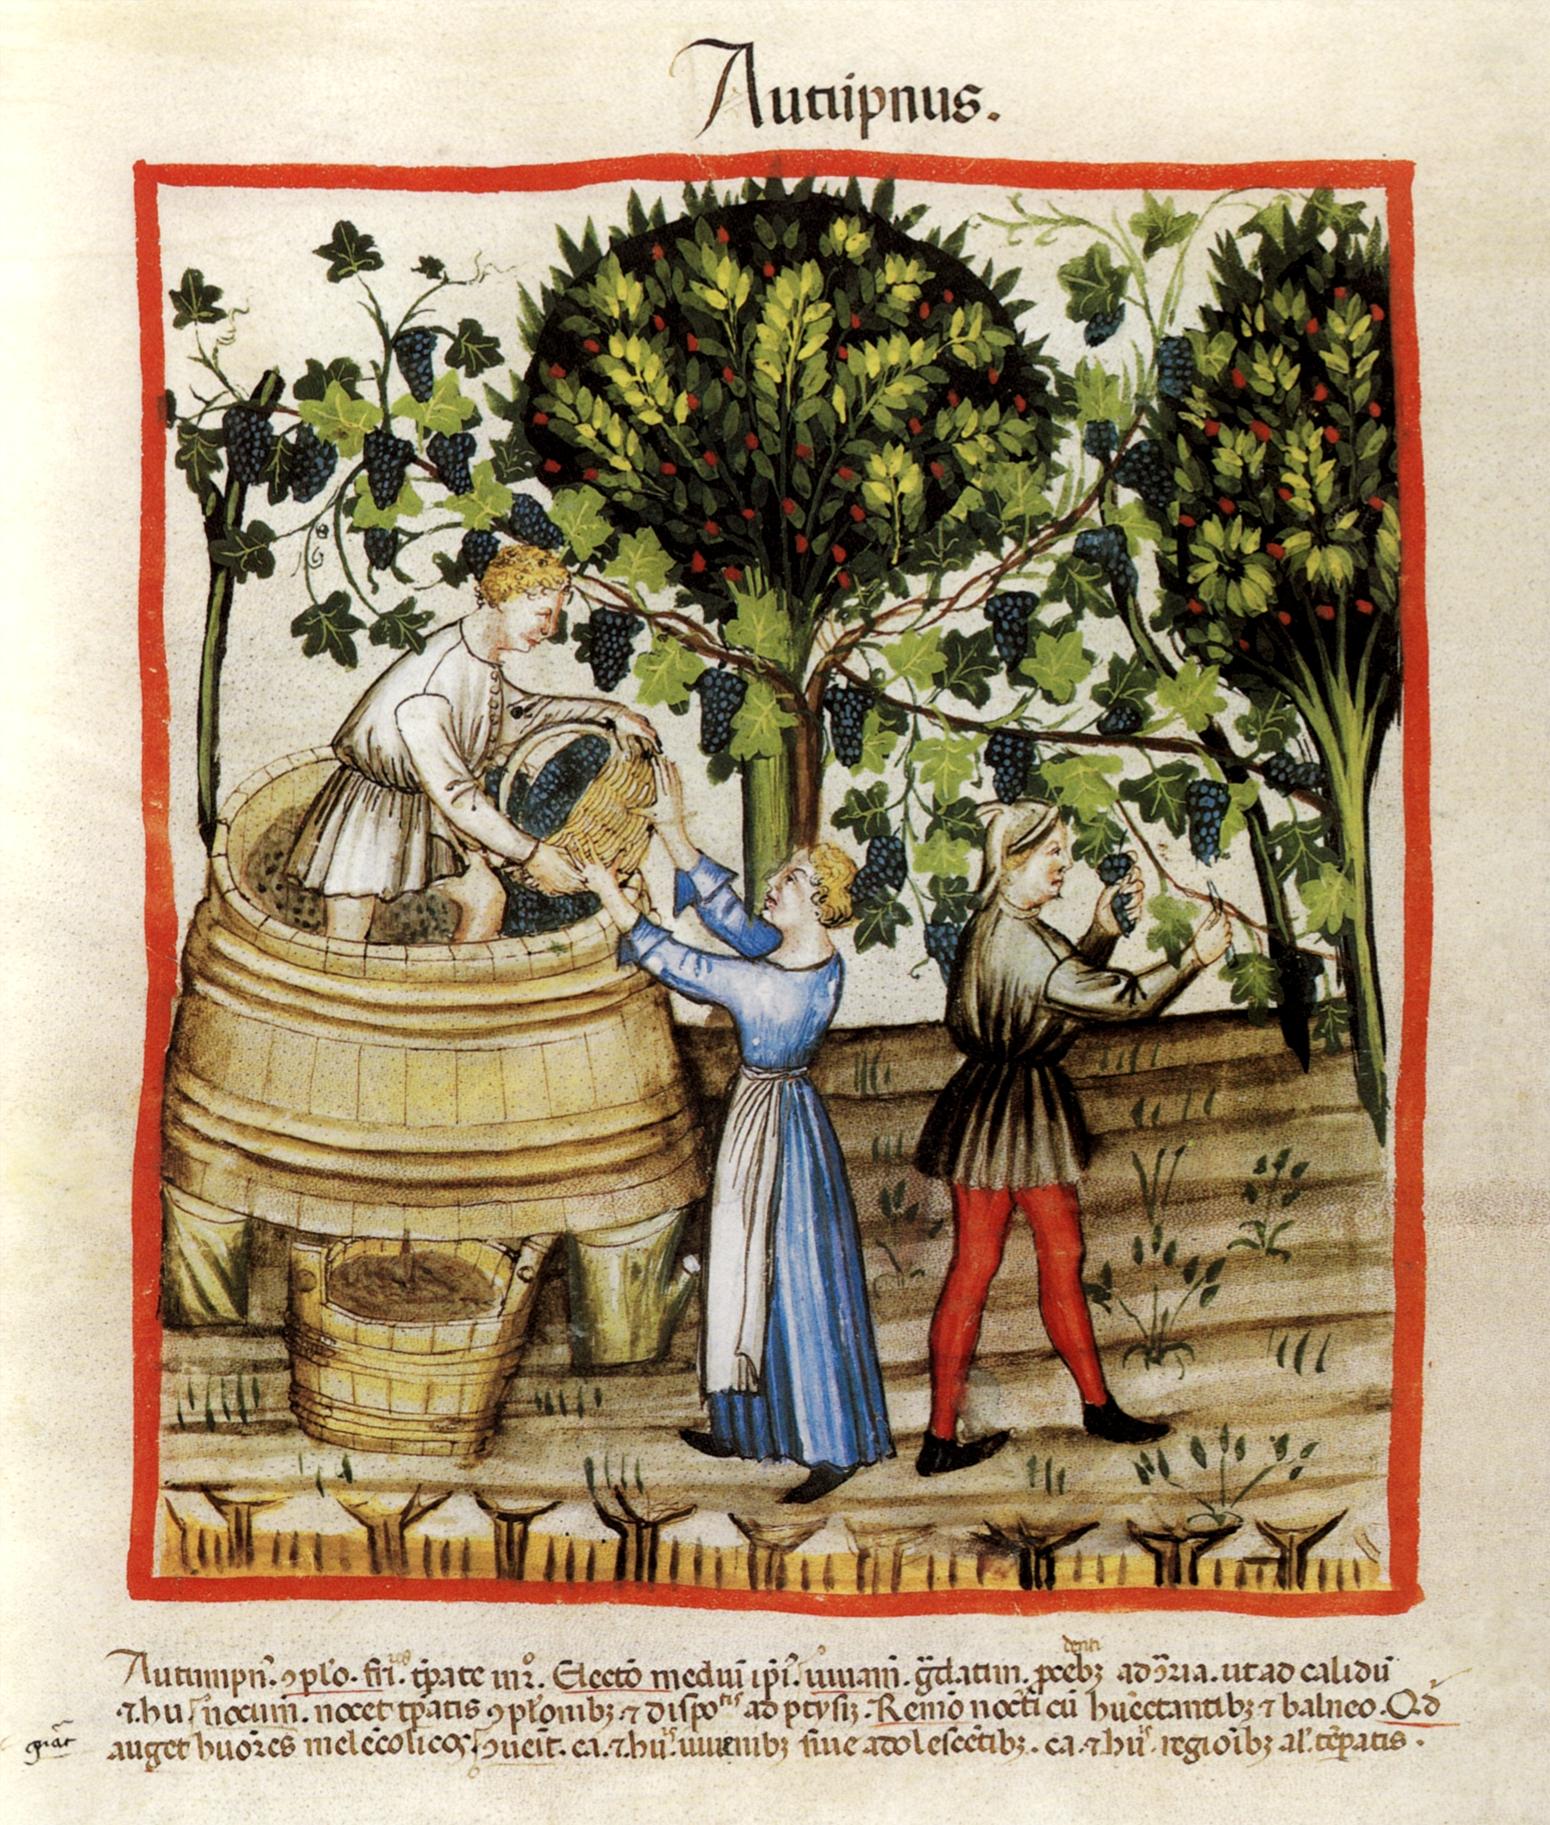 """""""Herbst"""": Weinlese in einer illustrierten Handschrift des Tacuinum Sanitatis, um 1390. Wien, ÖNB, cod. vindob. Series nova 2644, fol. 54v."""